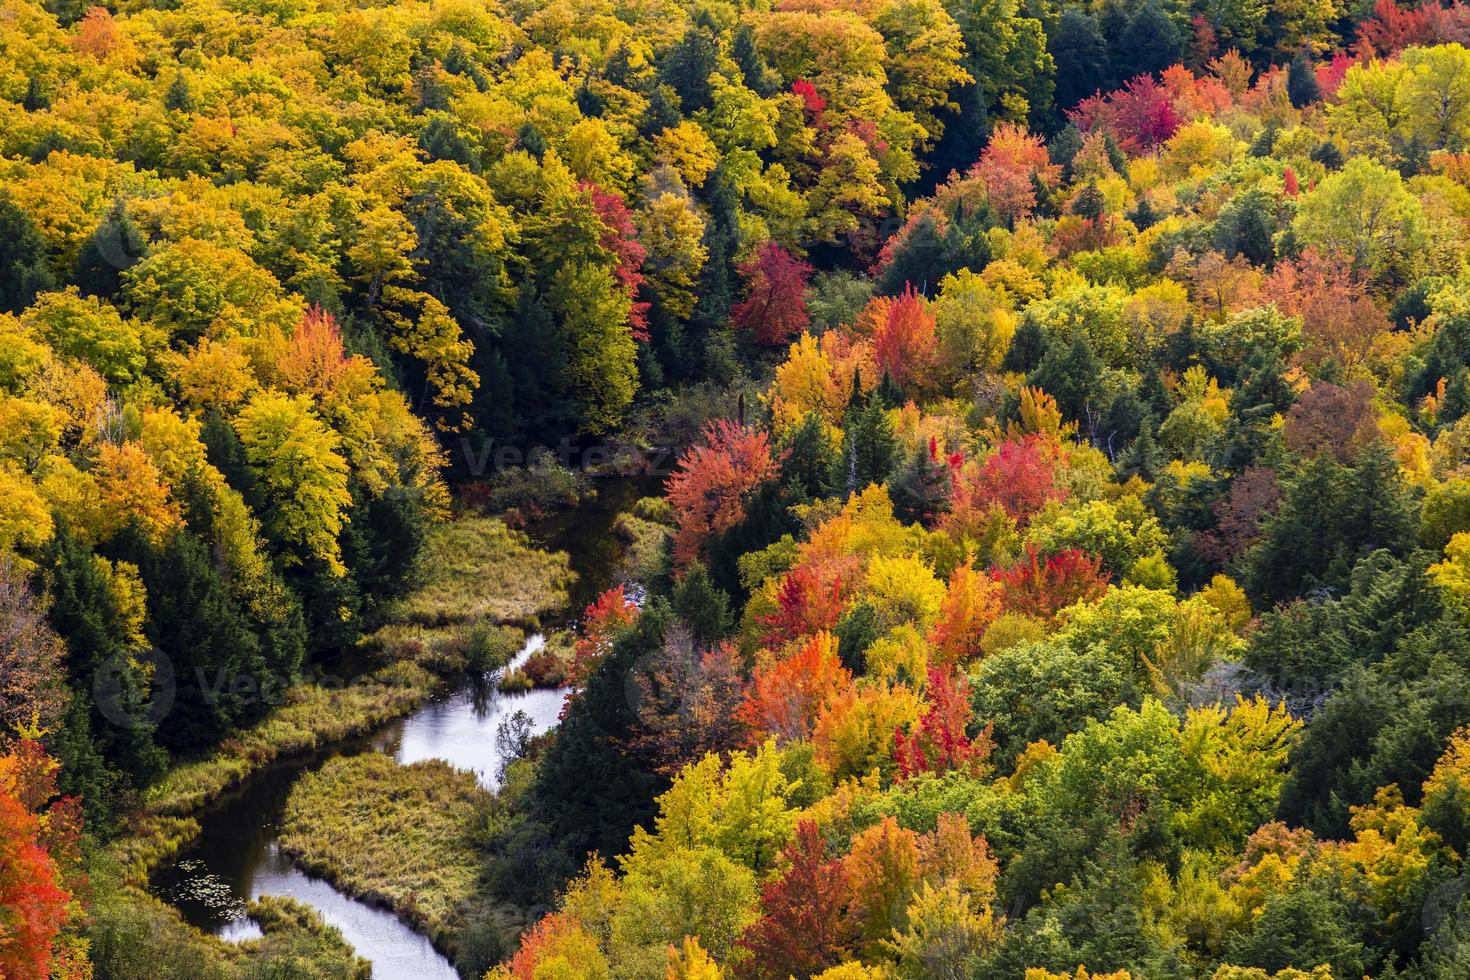 cade colori al fiume carpa, parco statale montagne istrice foto